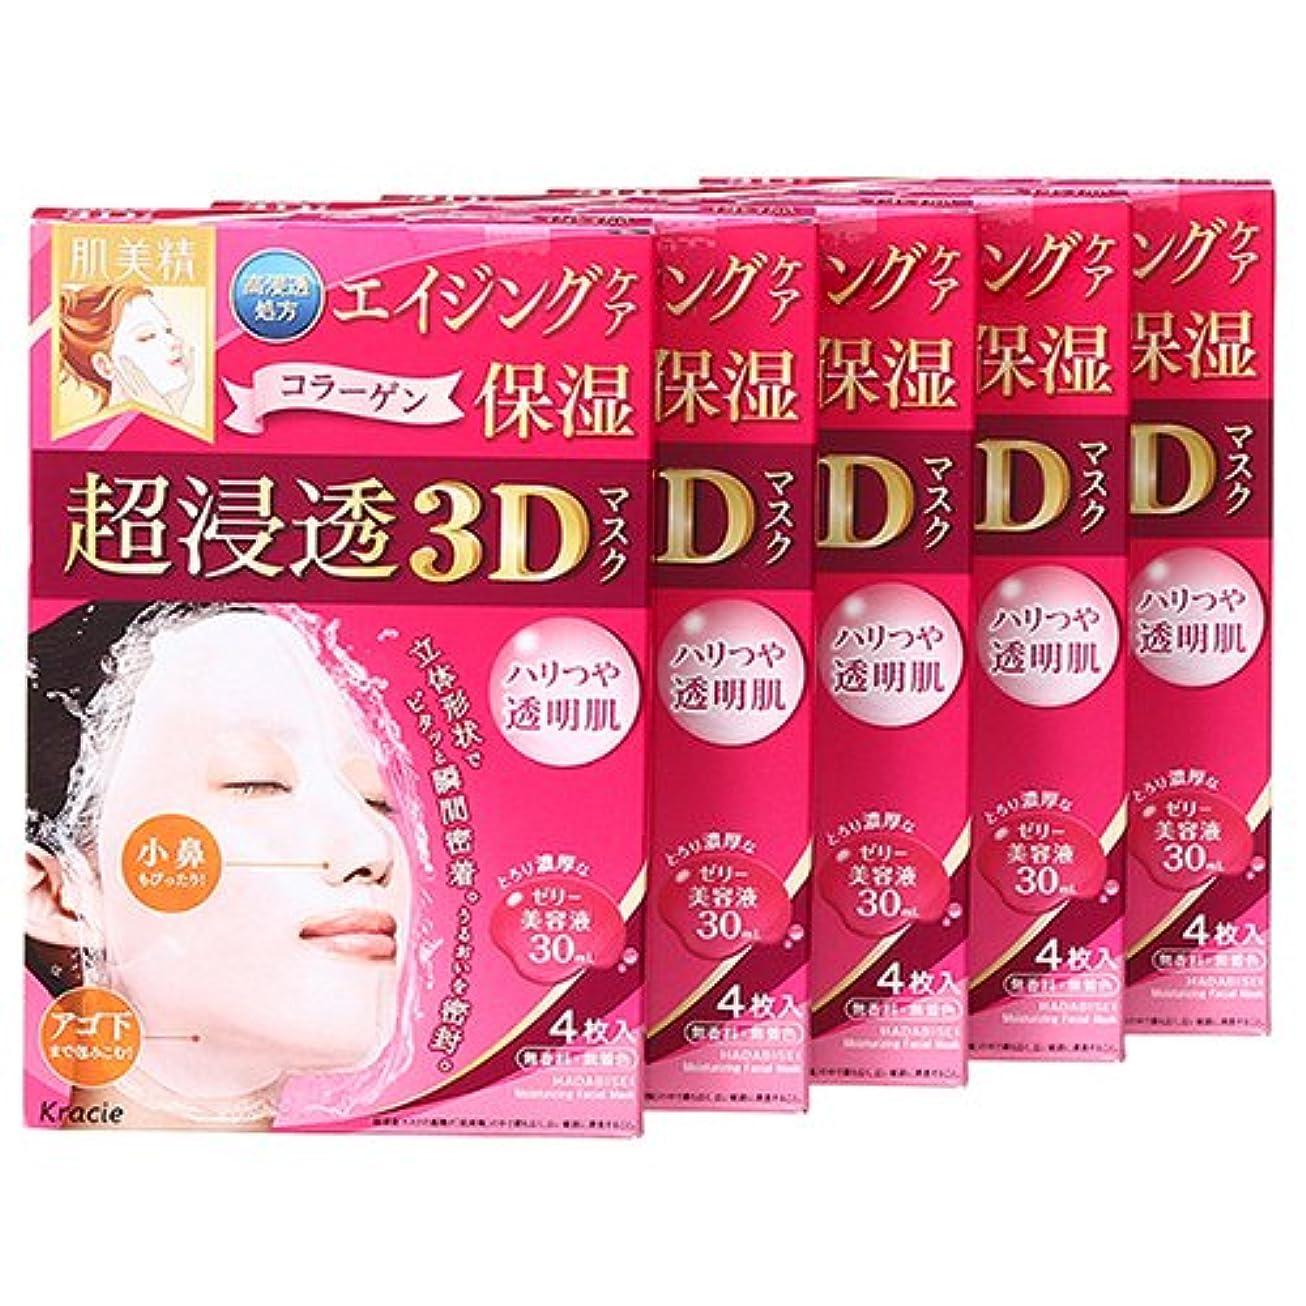 一般ホバー廃棄するクラシエホームプロダクツ 肌美精 超浸透3Dマスク エイジングケア(保湿) 4枚入 (美容液30mL/1枚) 5点セット [並行輸入品]